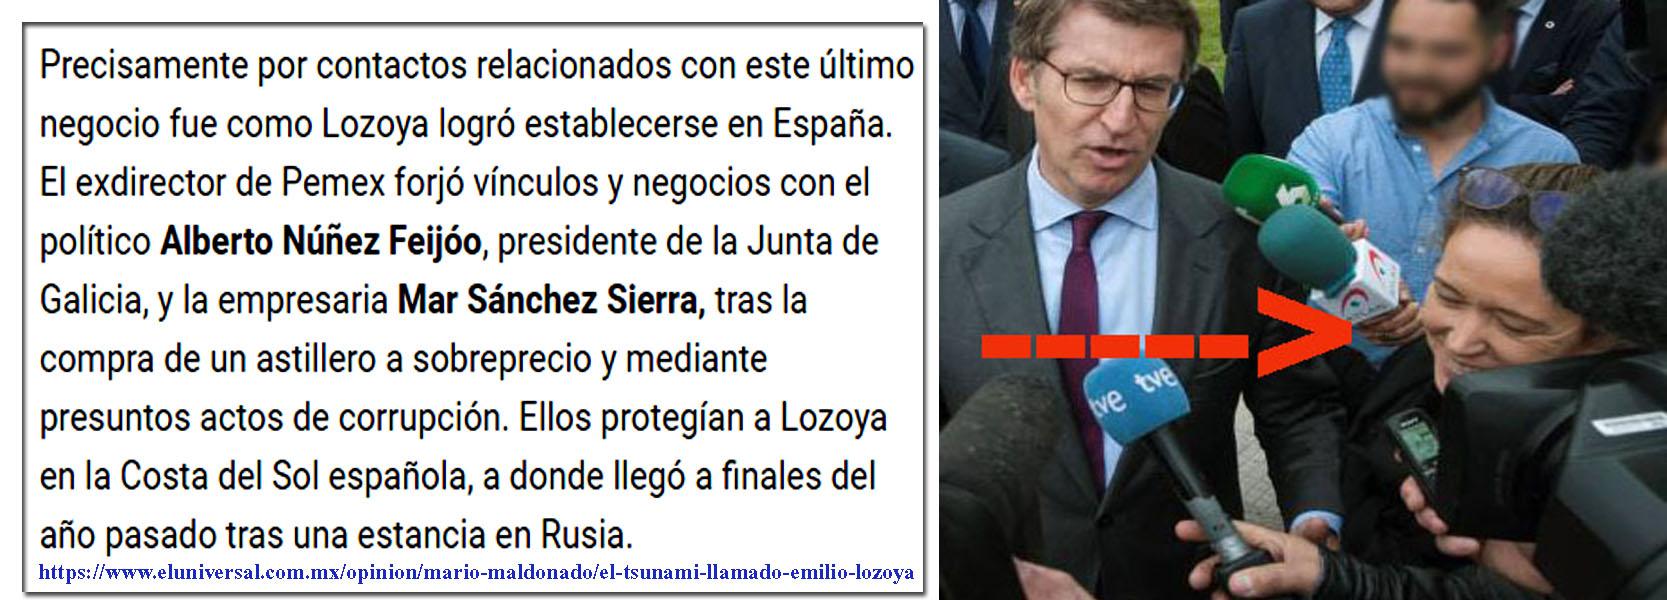 El diario El Universal de México apunta a Feijóo y Mar Sánchez ...